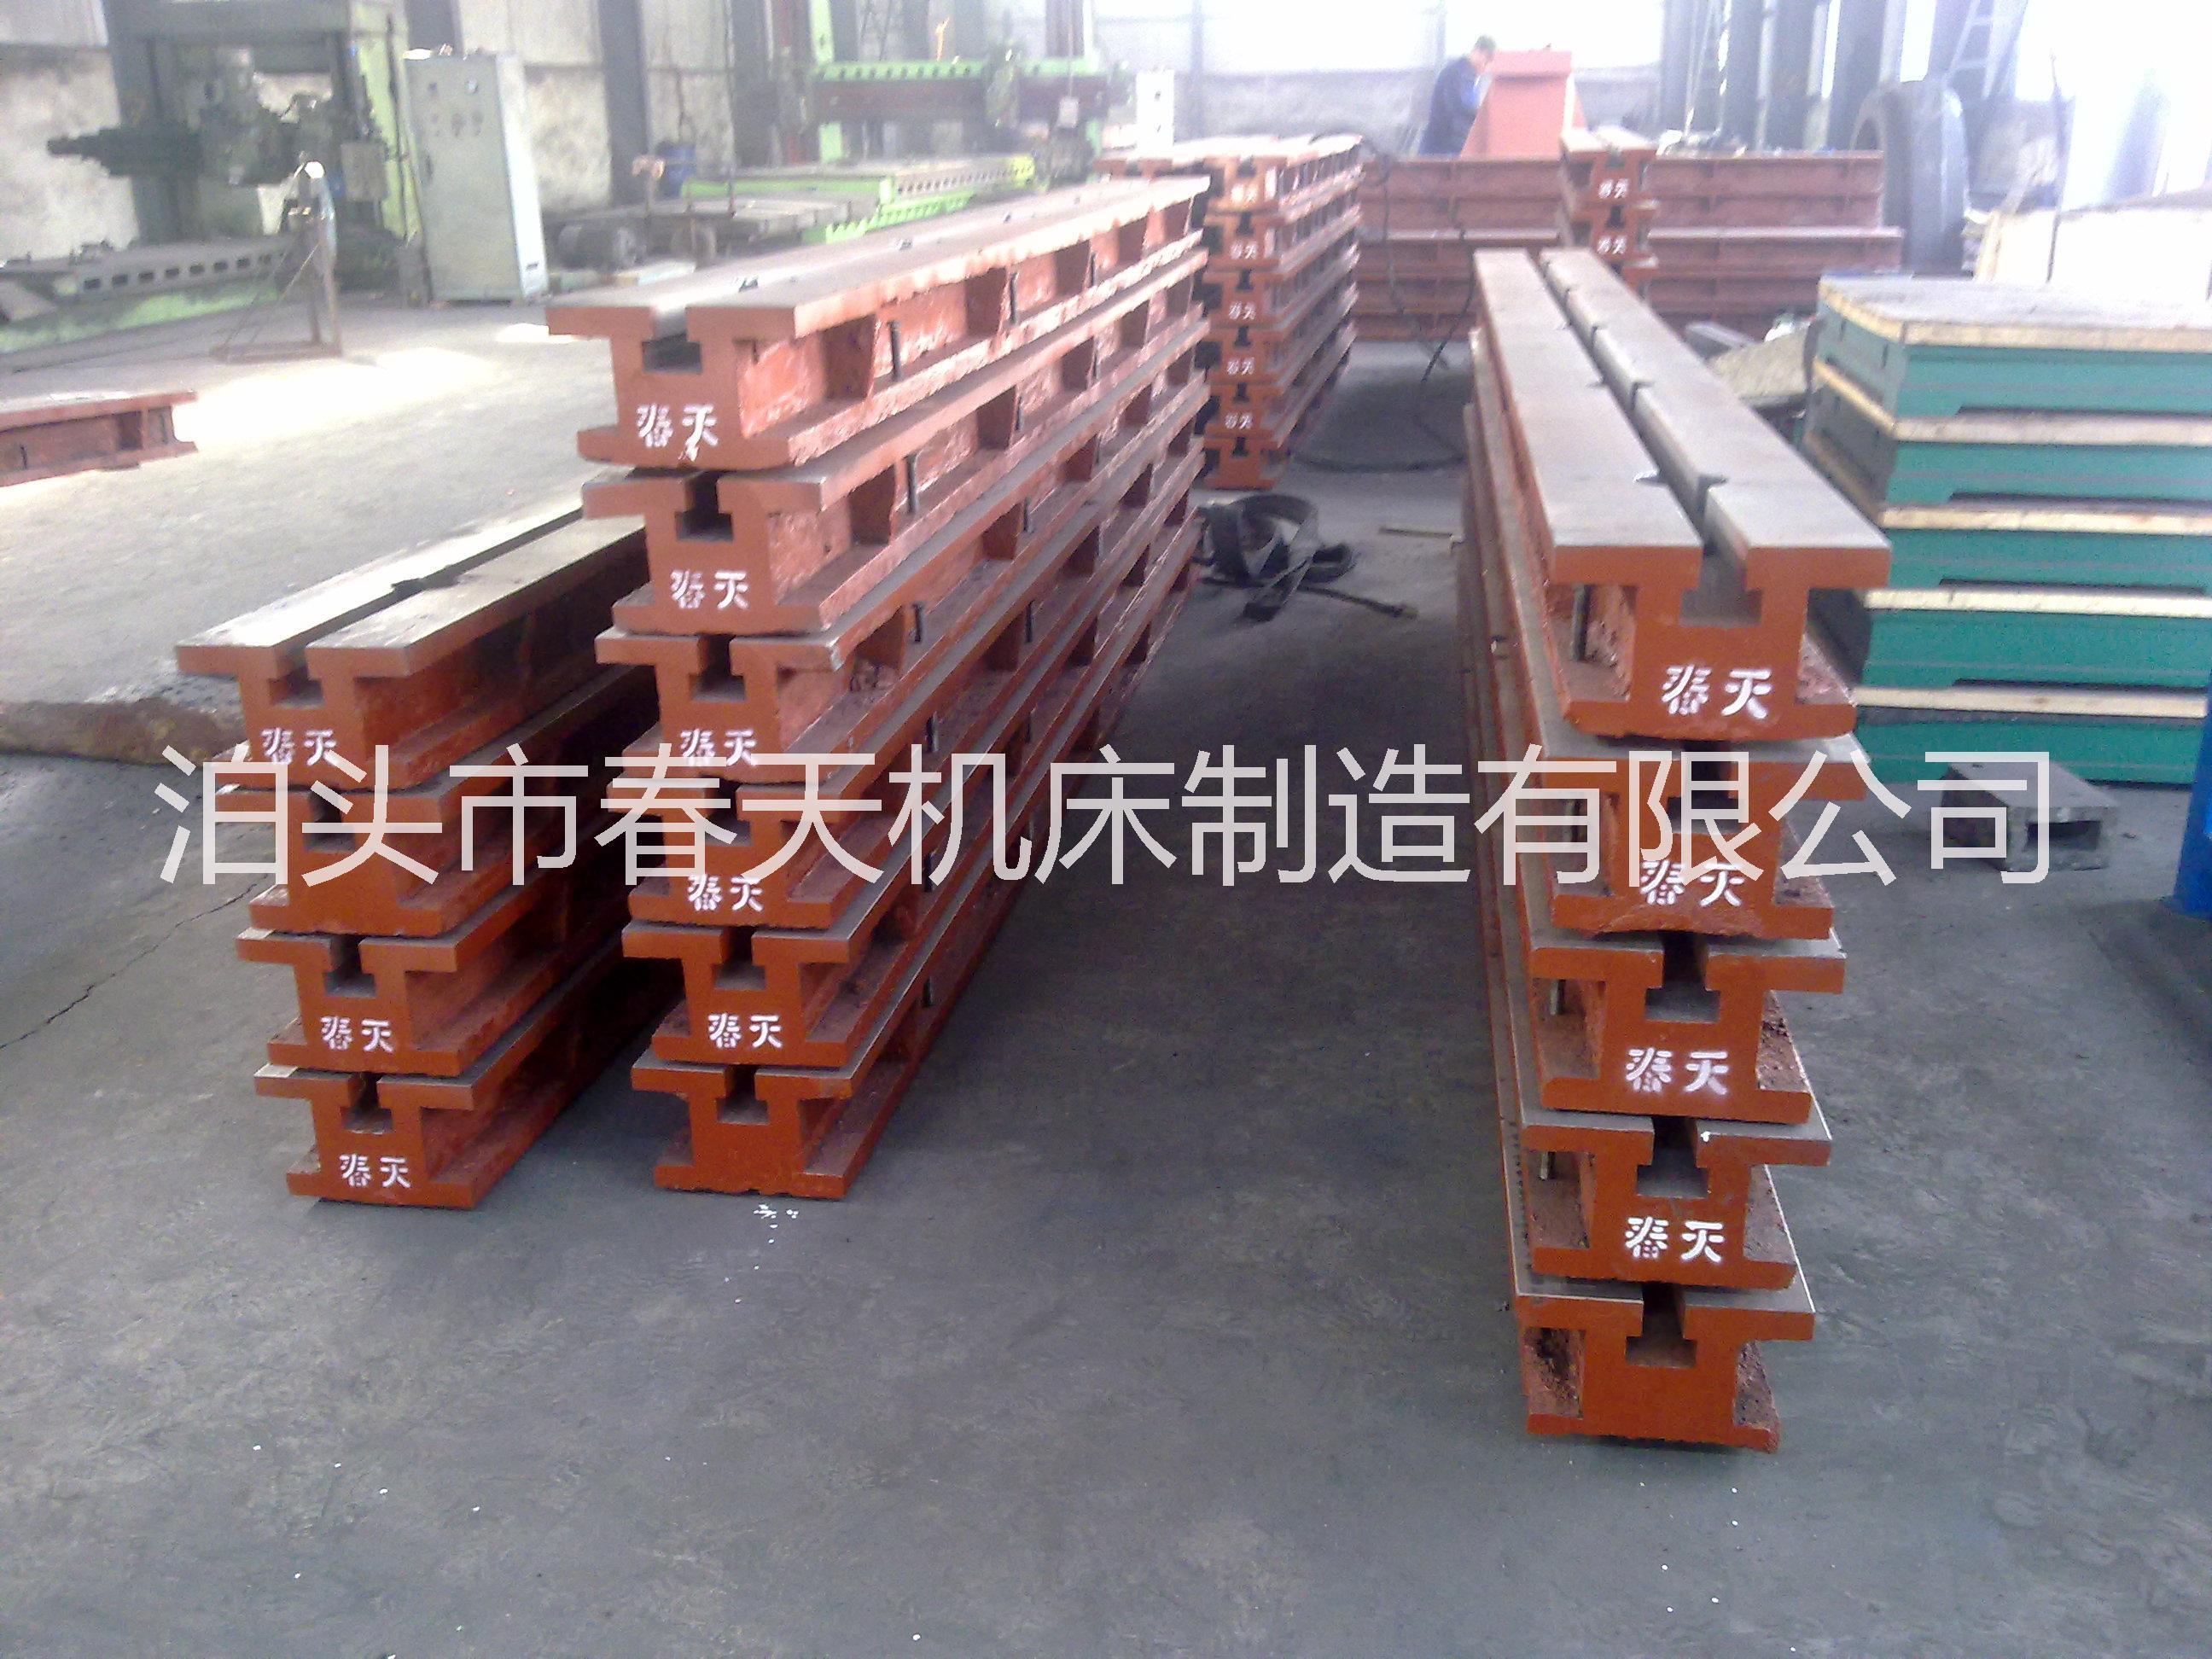 供应基础槽铁 基础槽铁4000*200*300